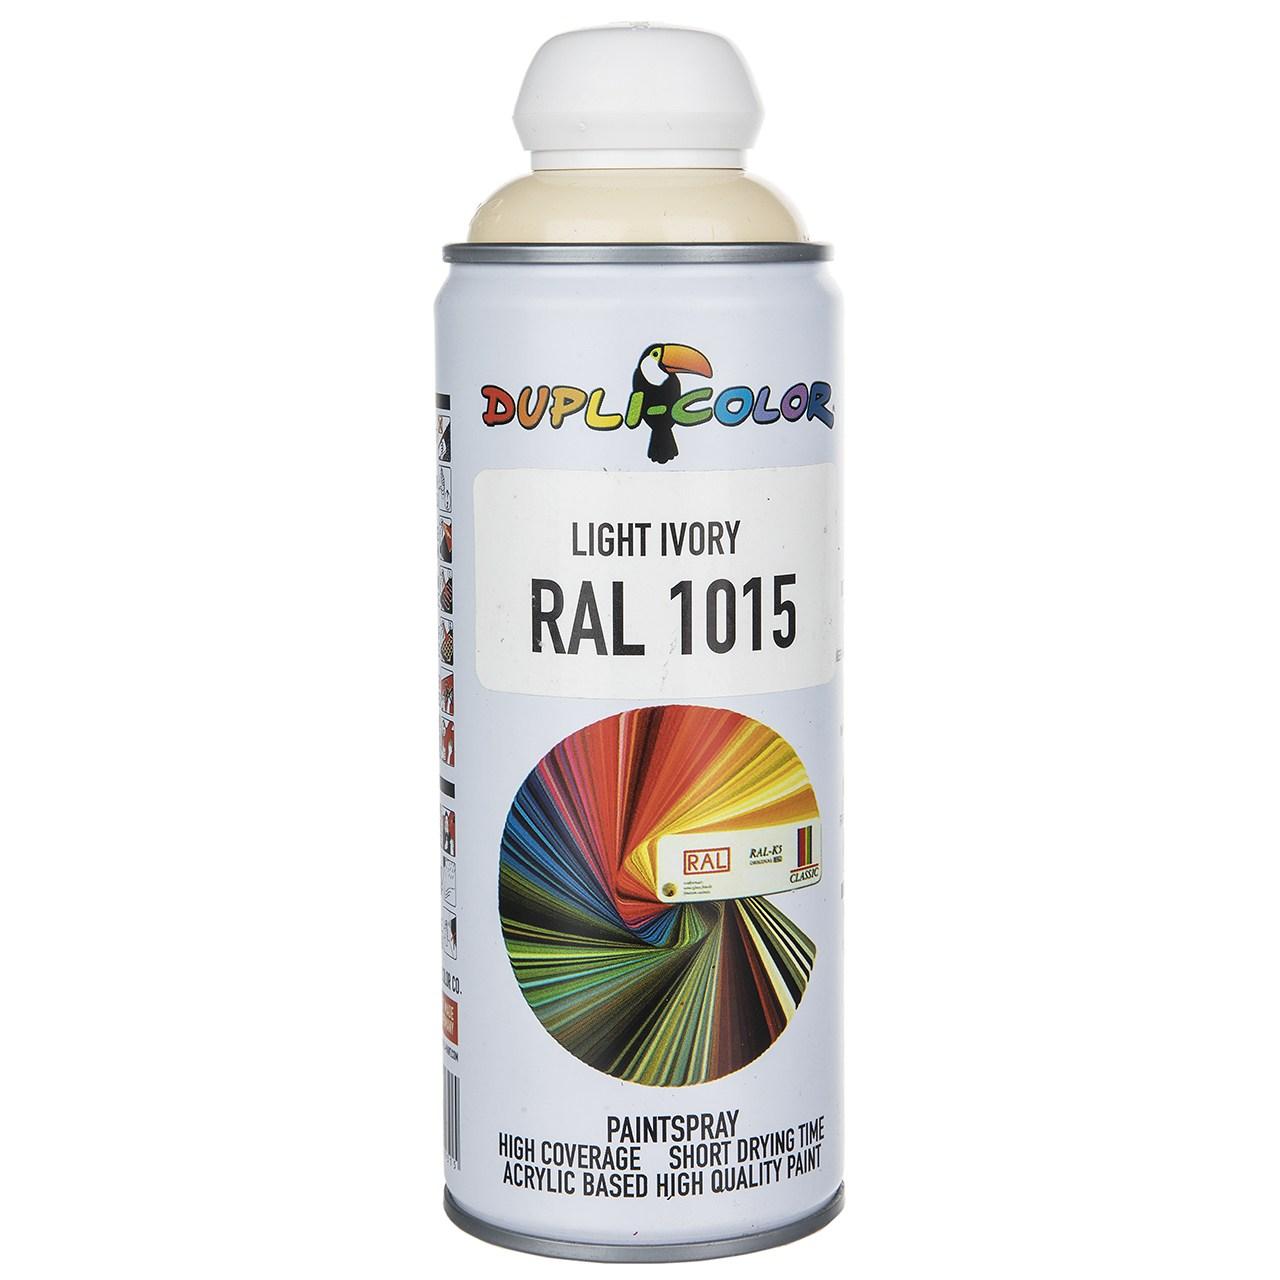 قیمت                                      اسپری رنگ استخونی دوپلی کالر مدل RAL 1015 حجم 400 میلی لیتر